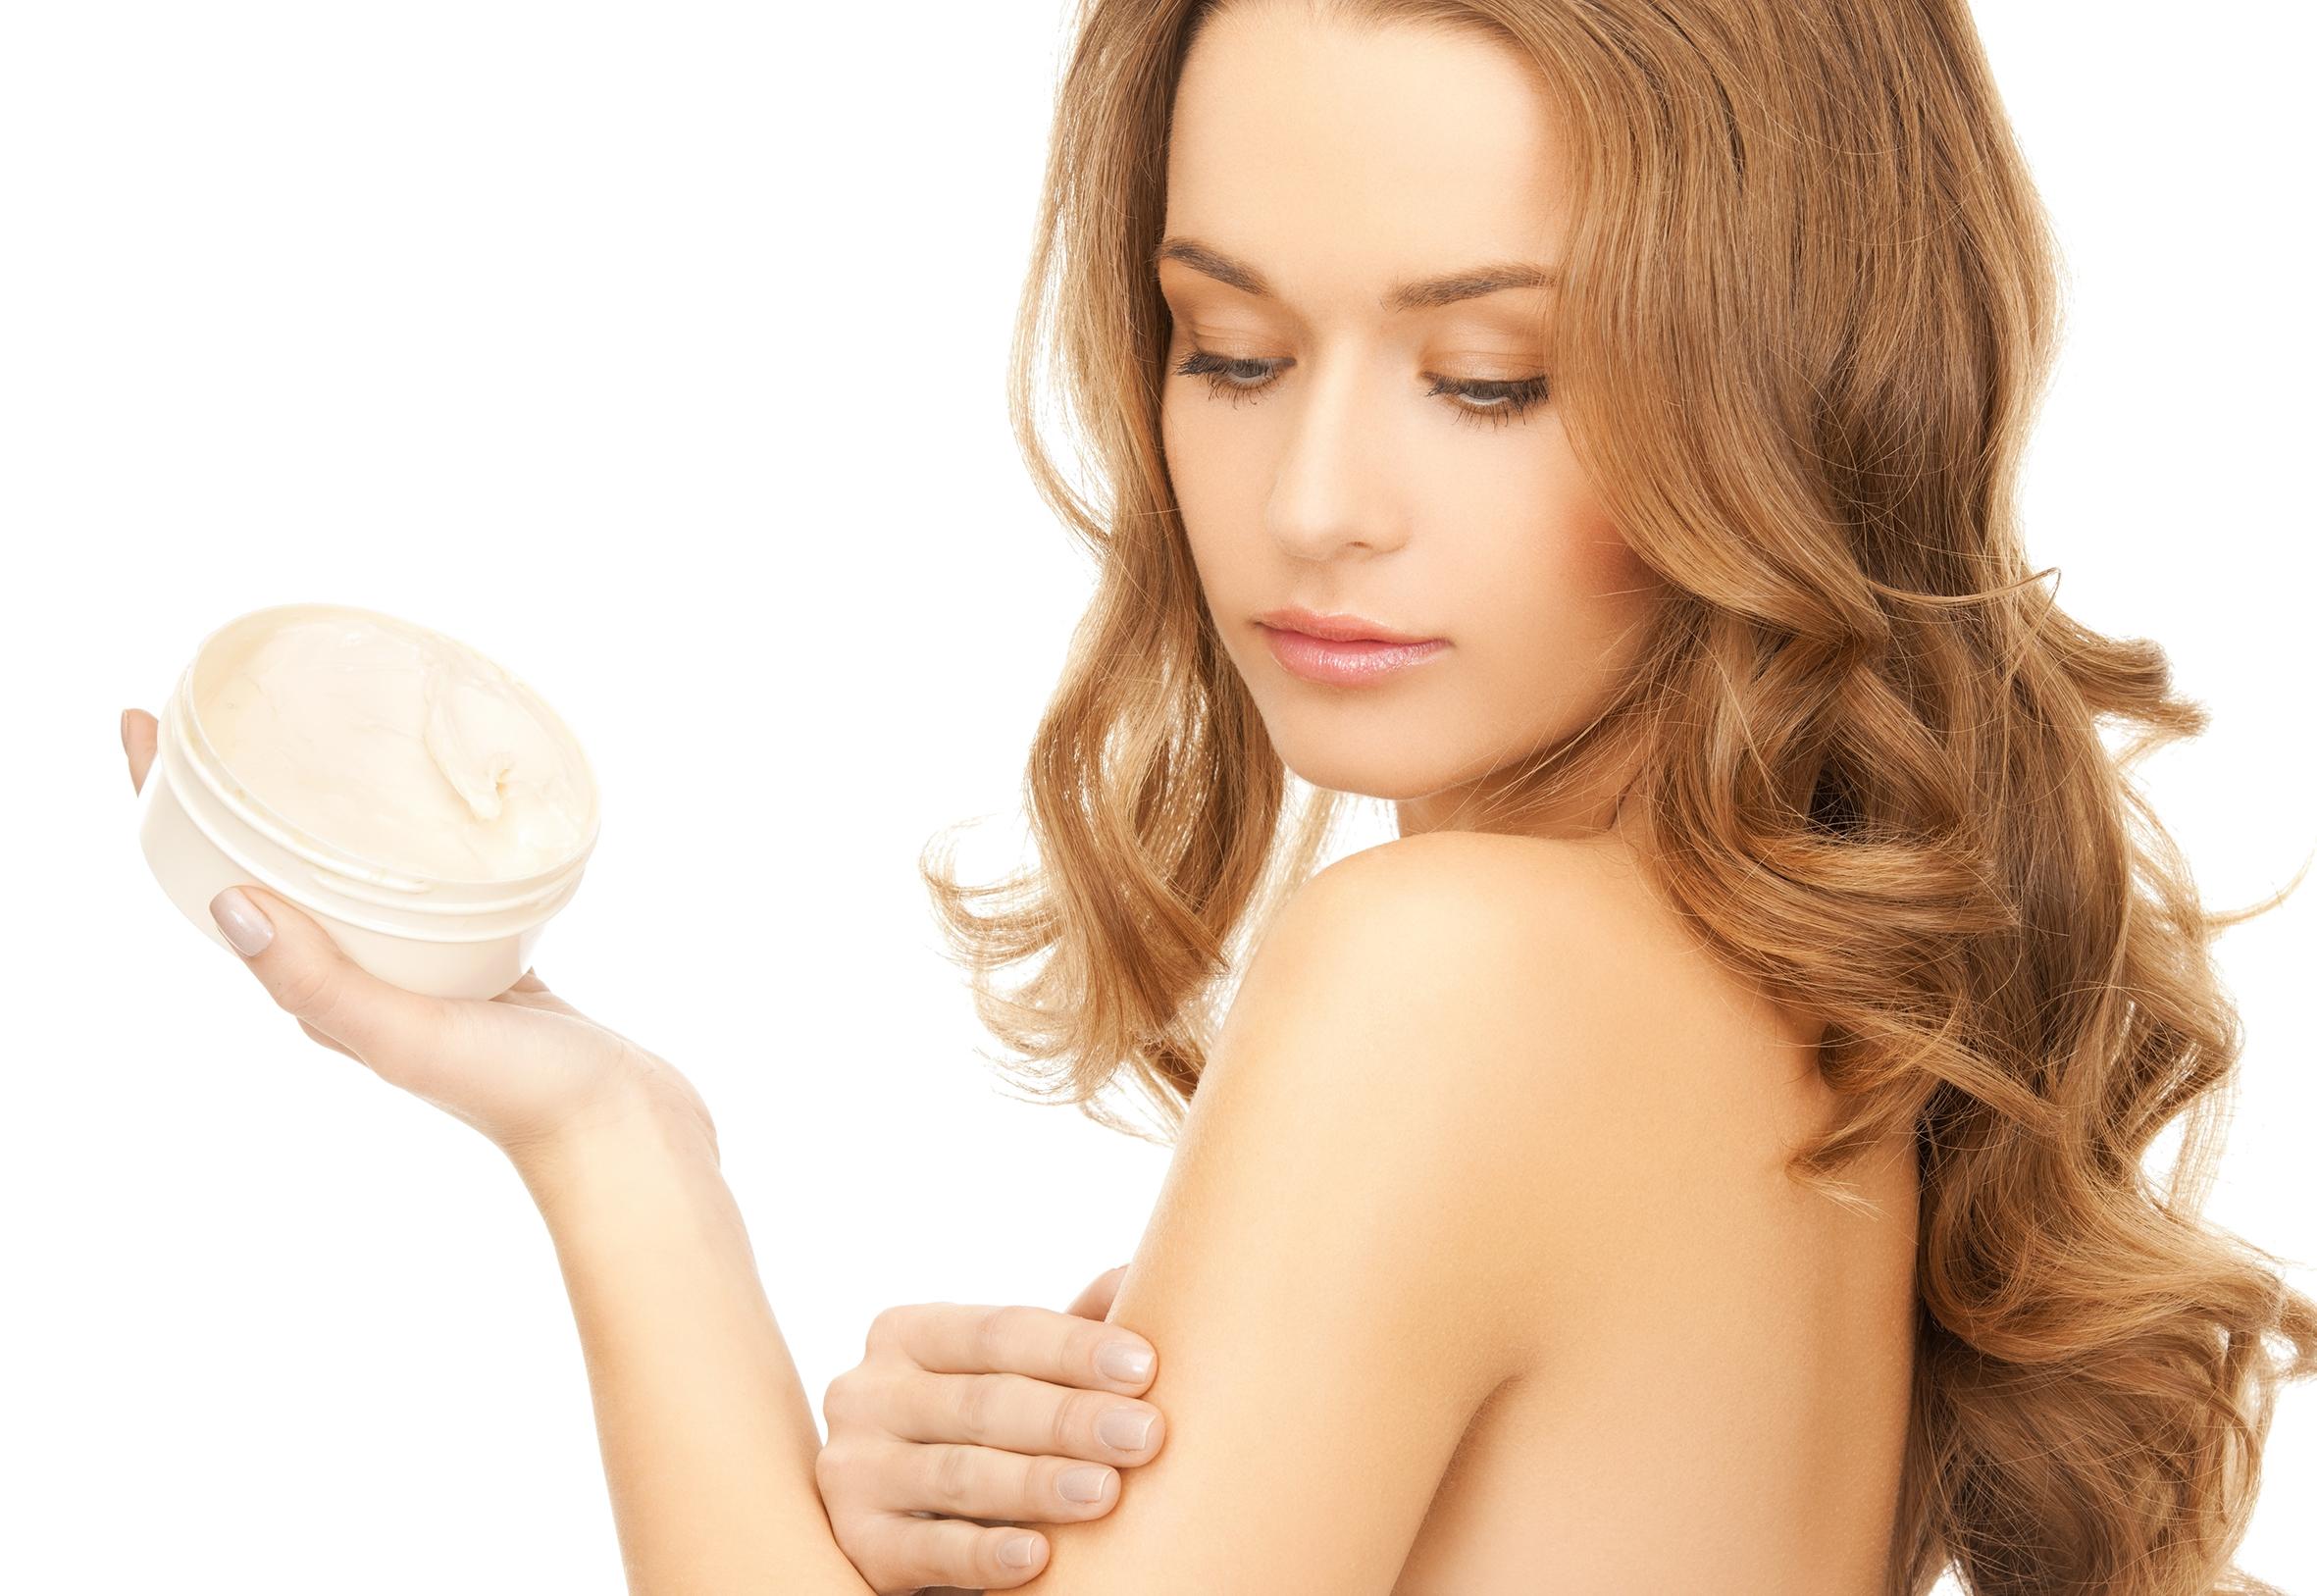 Os produtos de beleza não conseguem penetrar as camadas mais profundas da pele e mantêm a hidratação apenas na sua superfície.